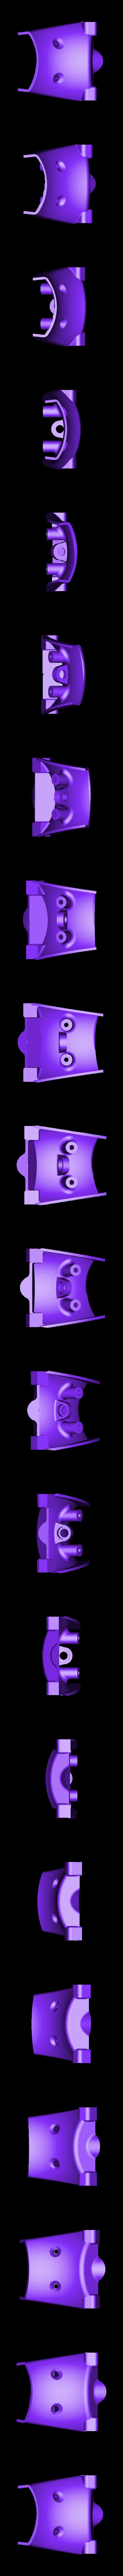 body bottom.stl Télécharger fichier STL gratuit 2016 Suzuki GSX-RR MotoGP RC Moto • Modèle pour imprimante 3D, brett